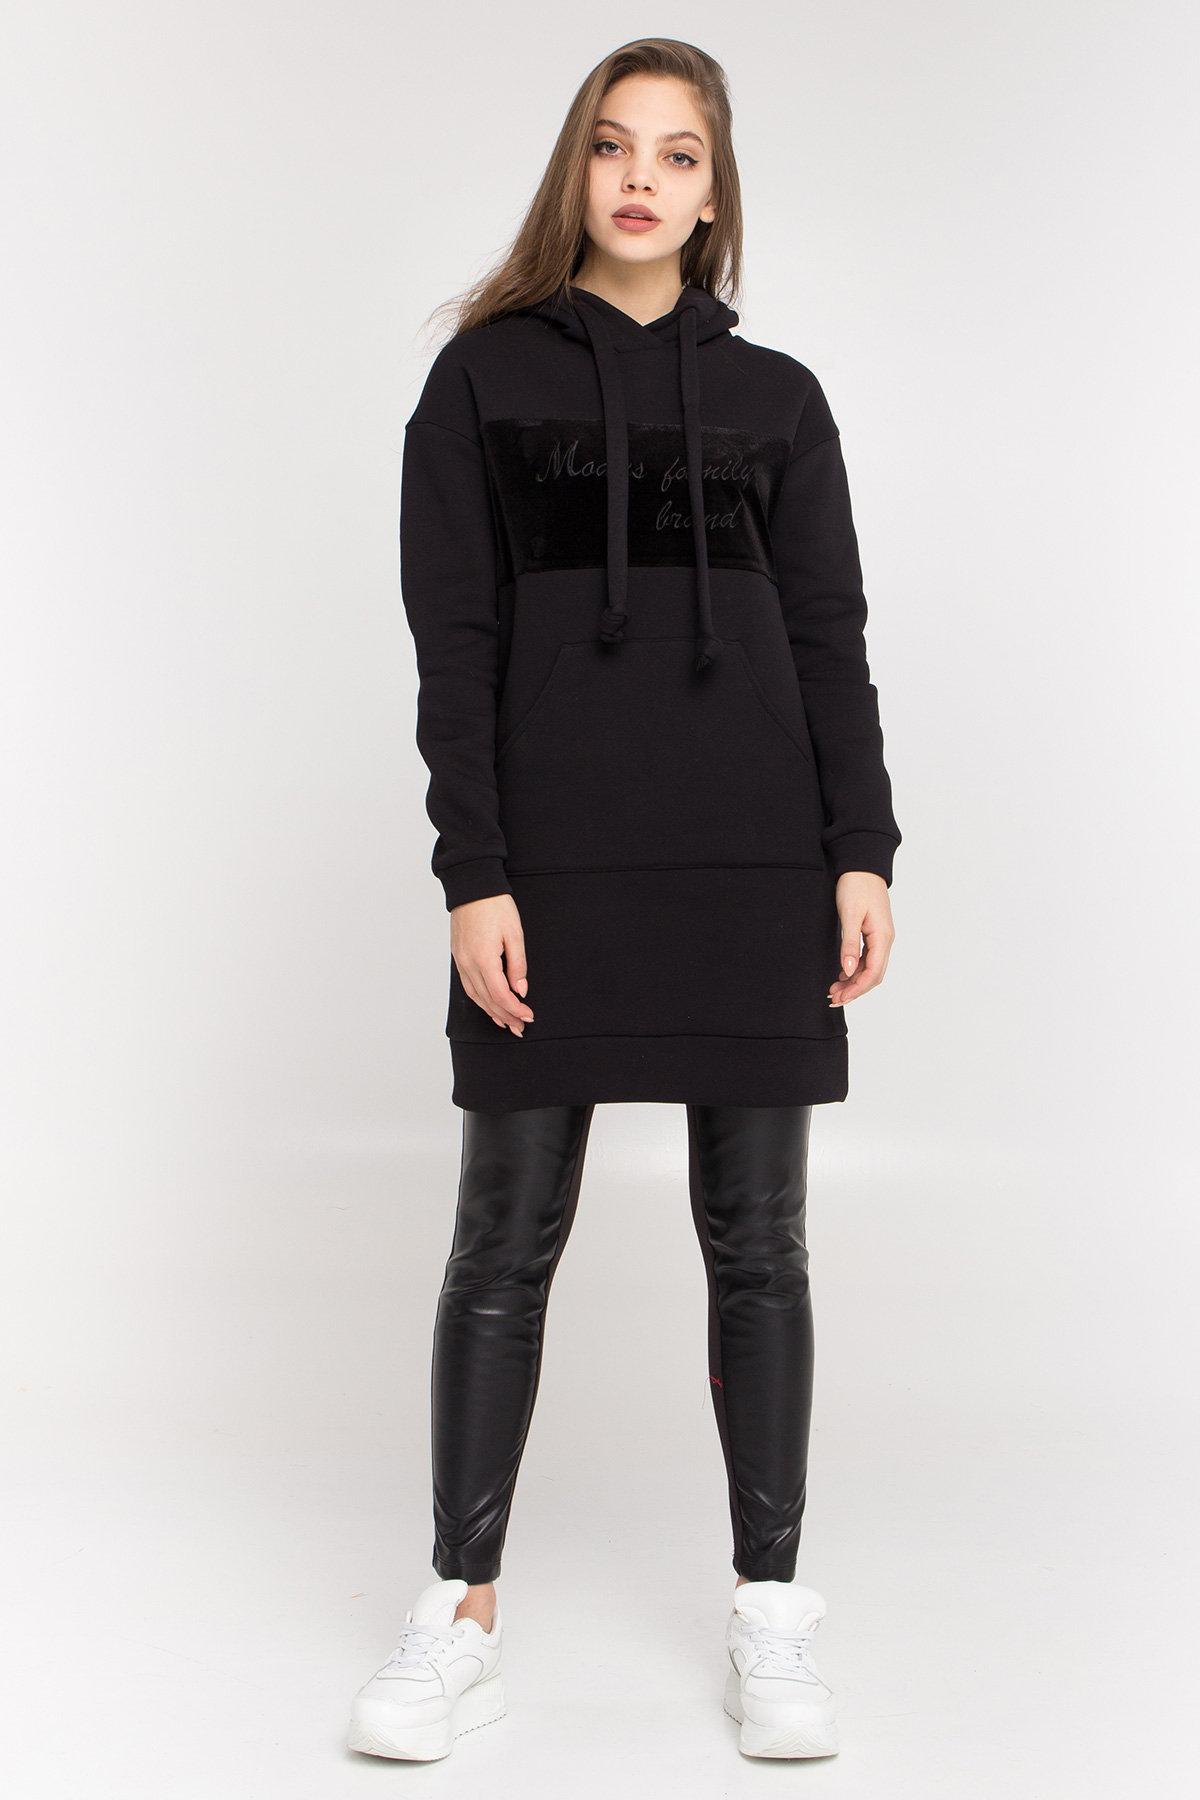 Платье худи Томми 8703 АРТ. 45099 Цвет: Черный/черный - фото 1, интернет магазин tm-modus.ru